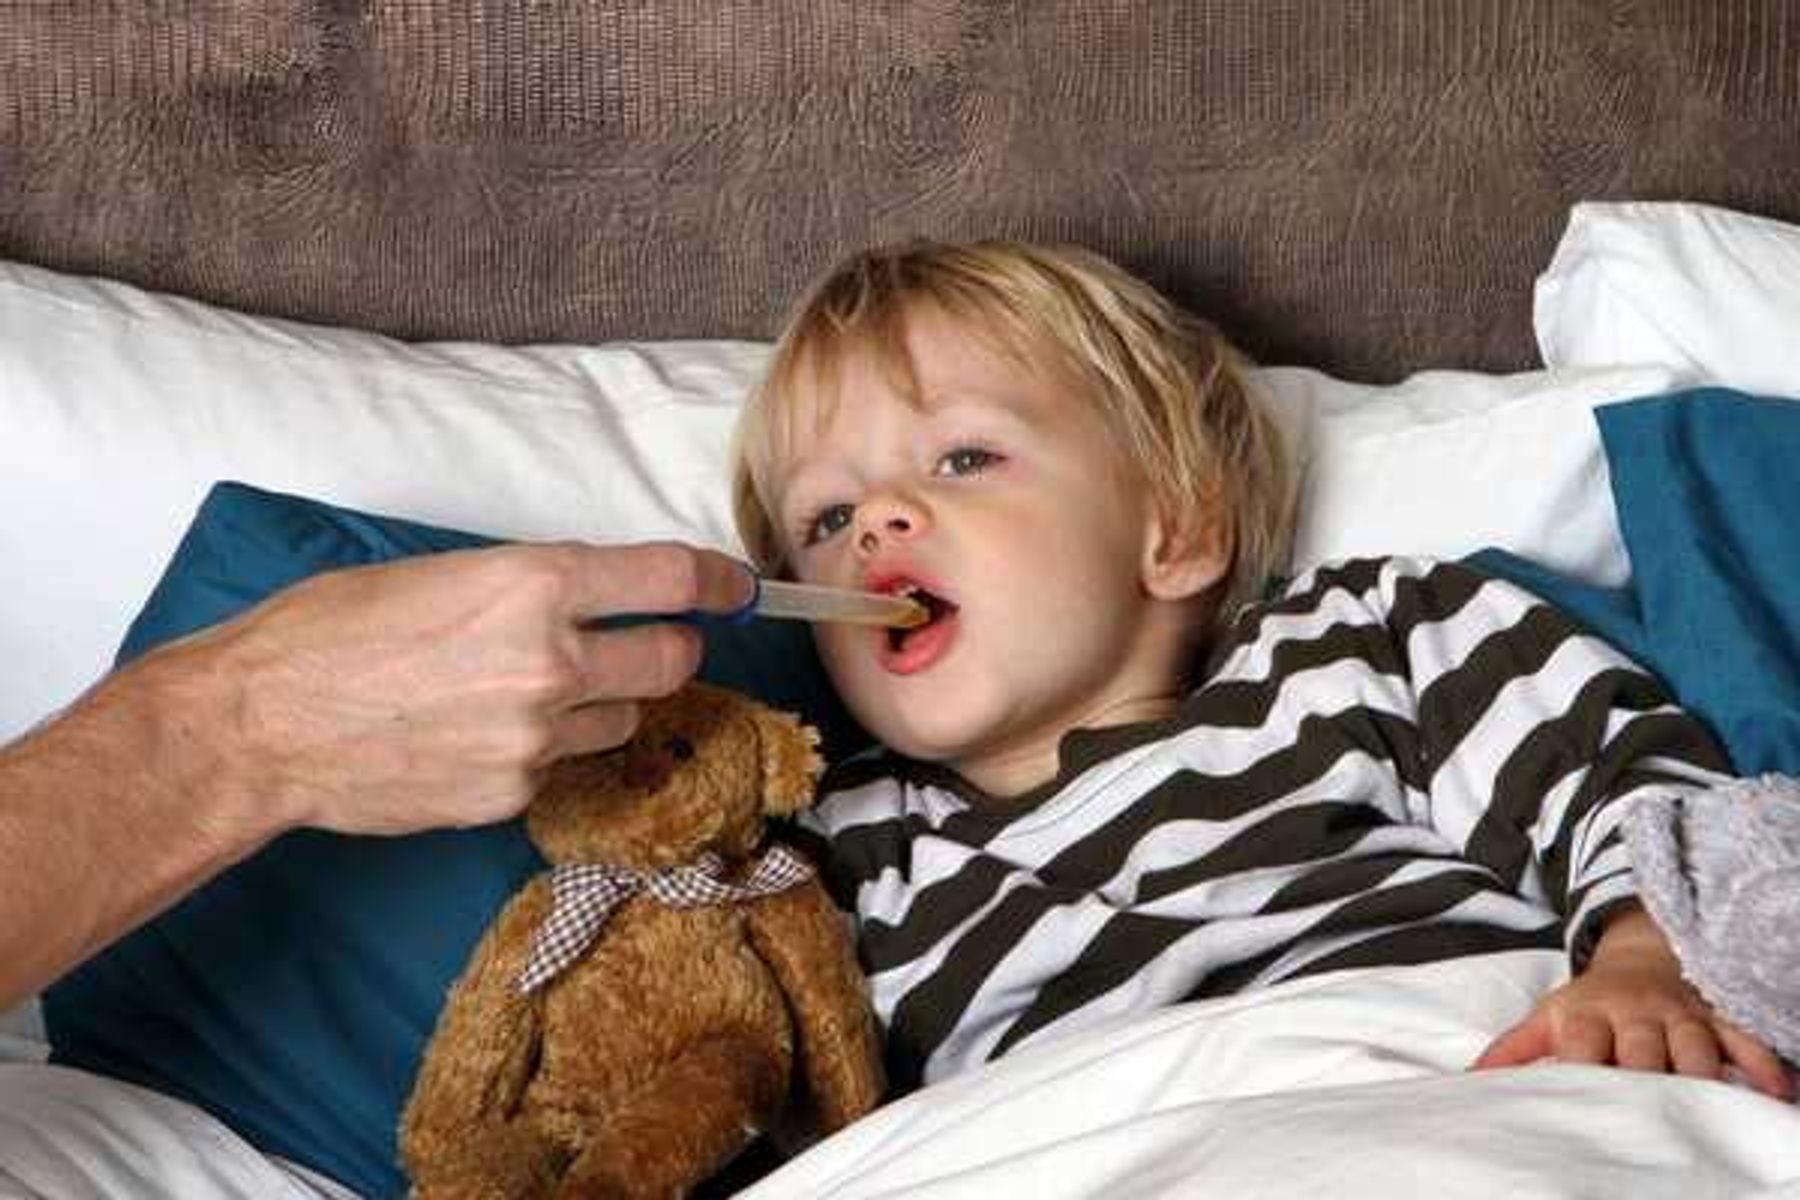 Cách chăm sóc hiệu quả giúp cơn ho của trẻ thuyên giảm nhanh chóng